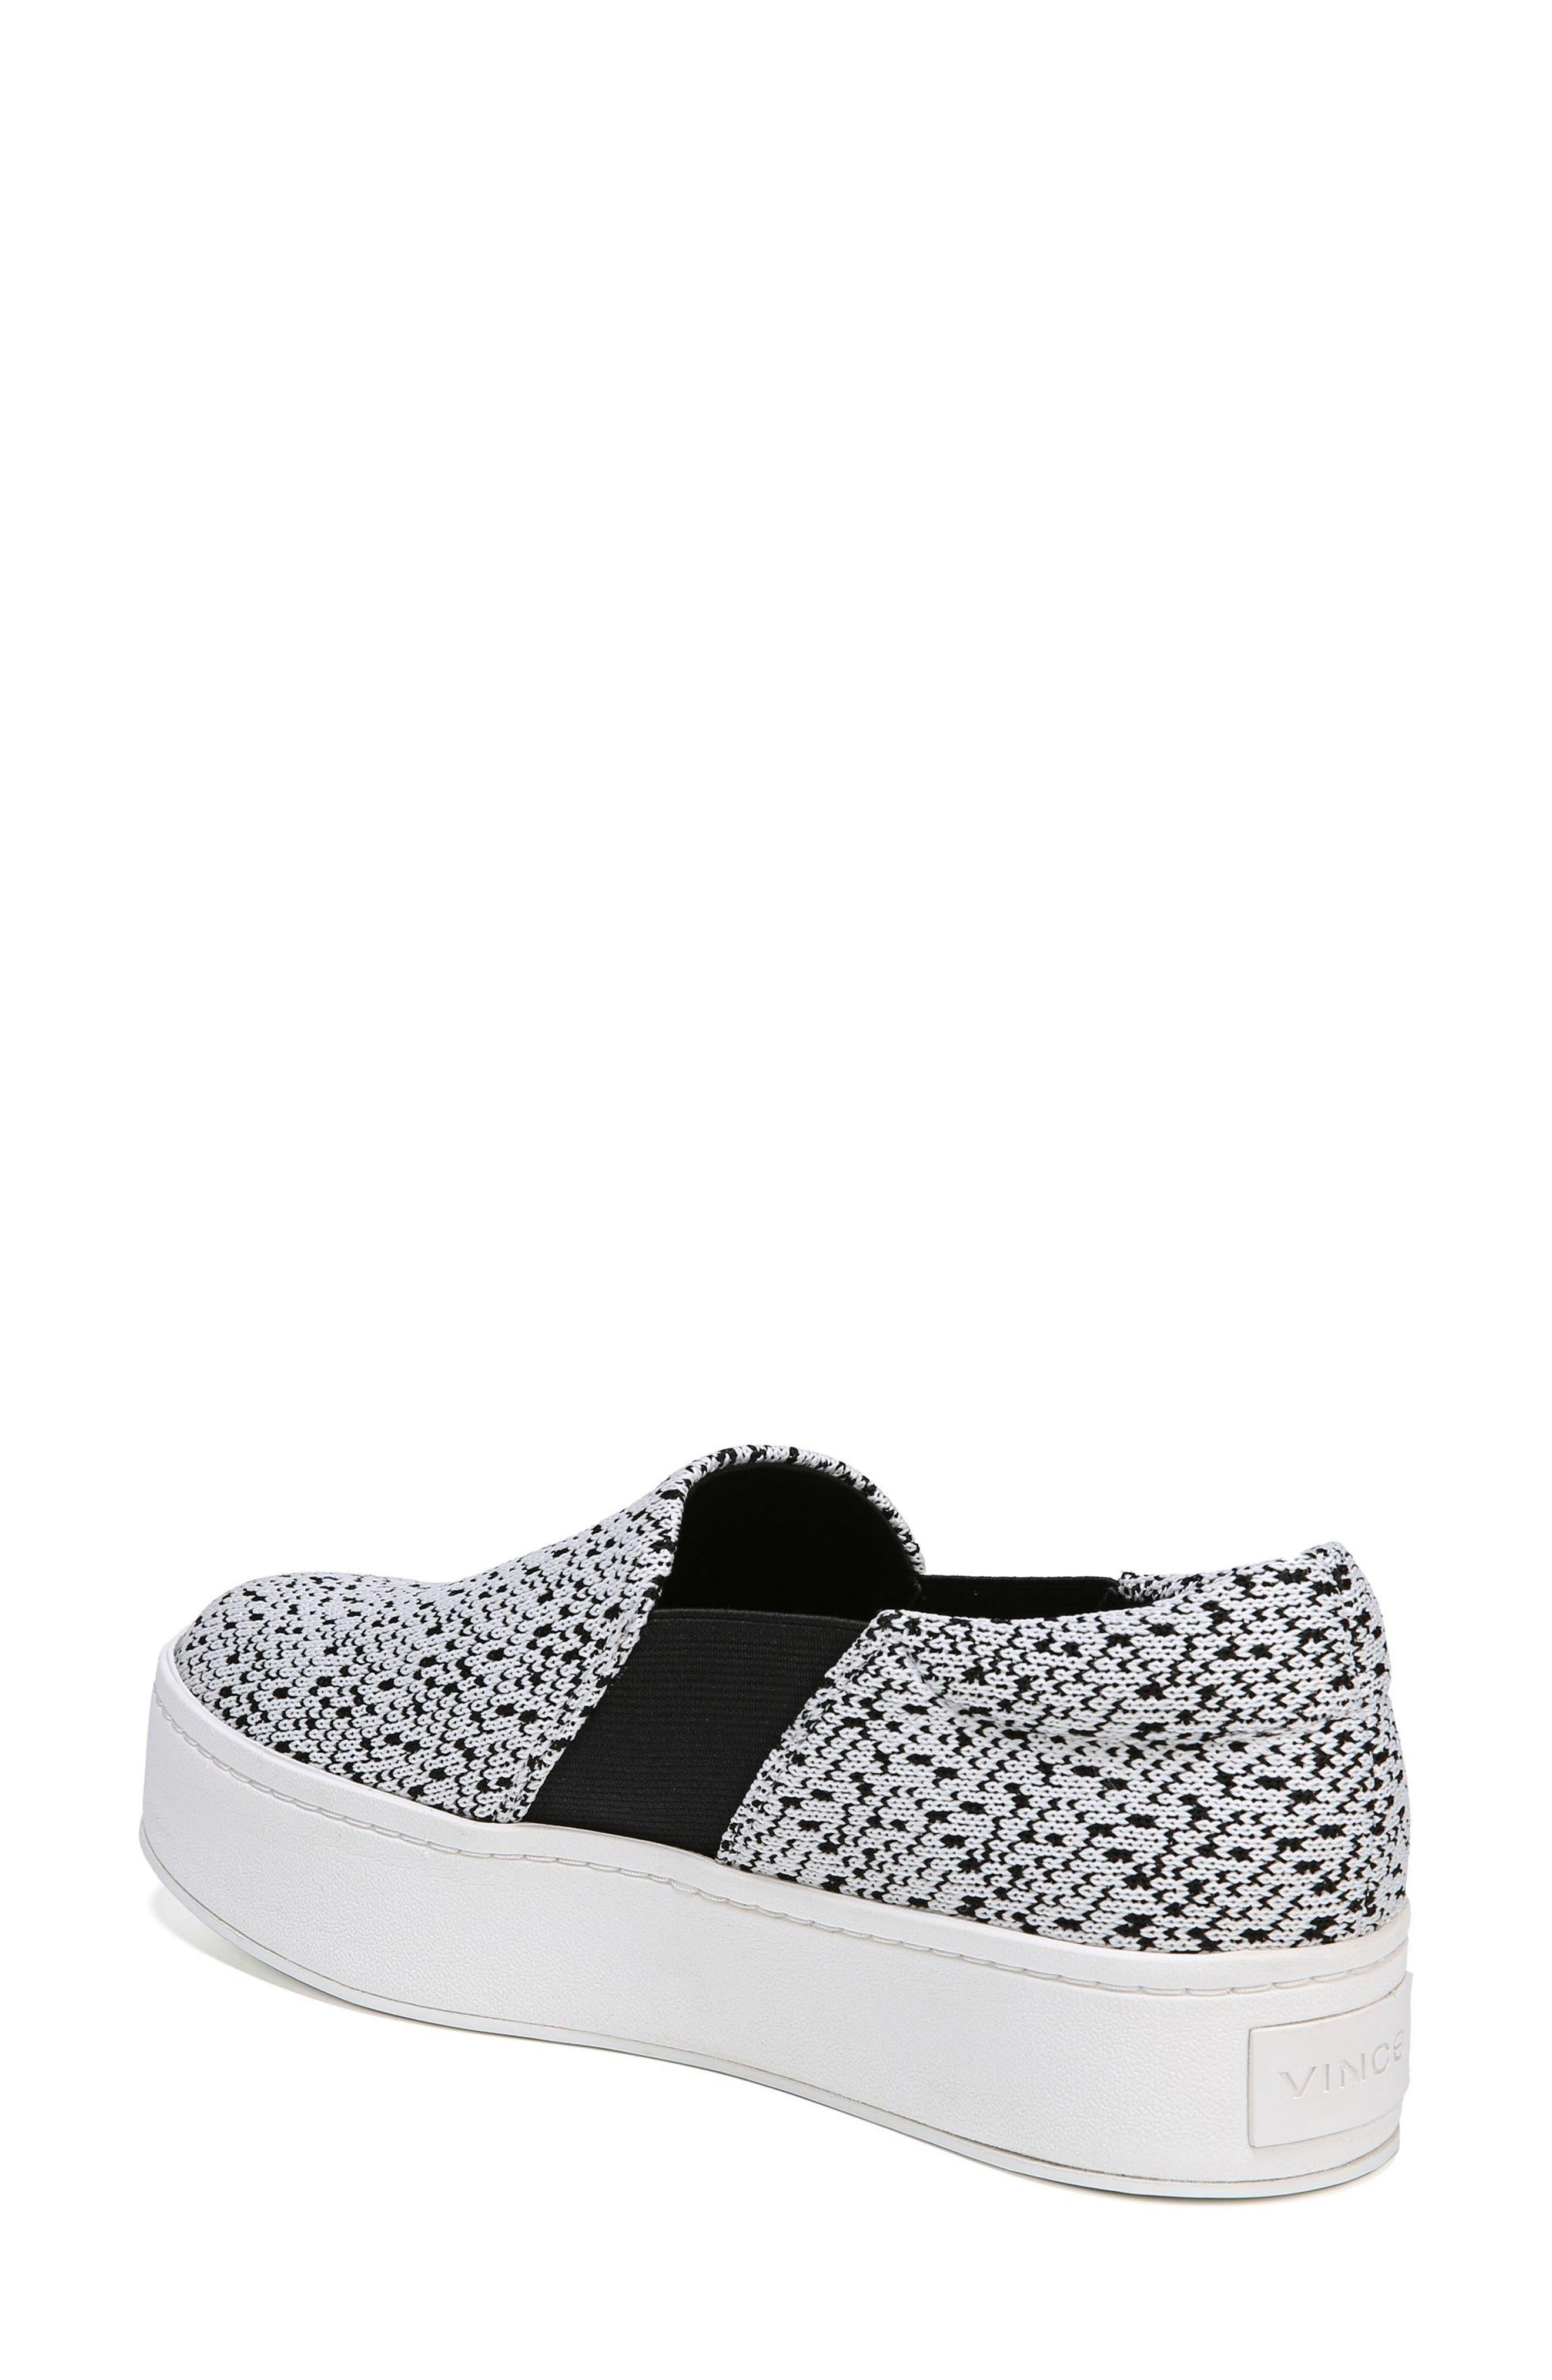 Warren Slip-On Sneaker,                             Alternate thumbnail 2, color,                             WHITE/ BLACK